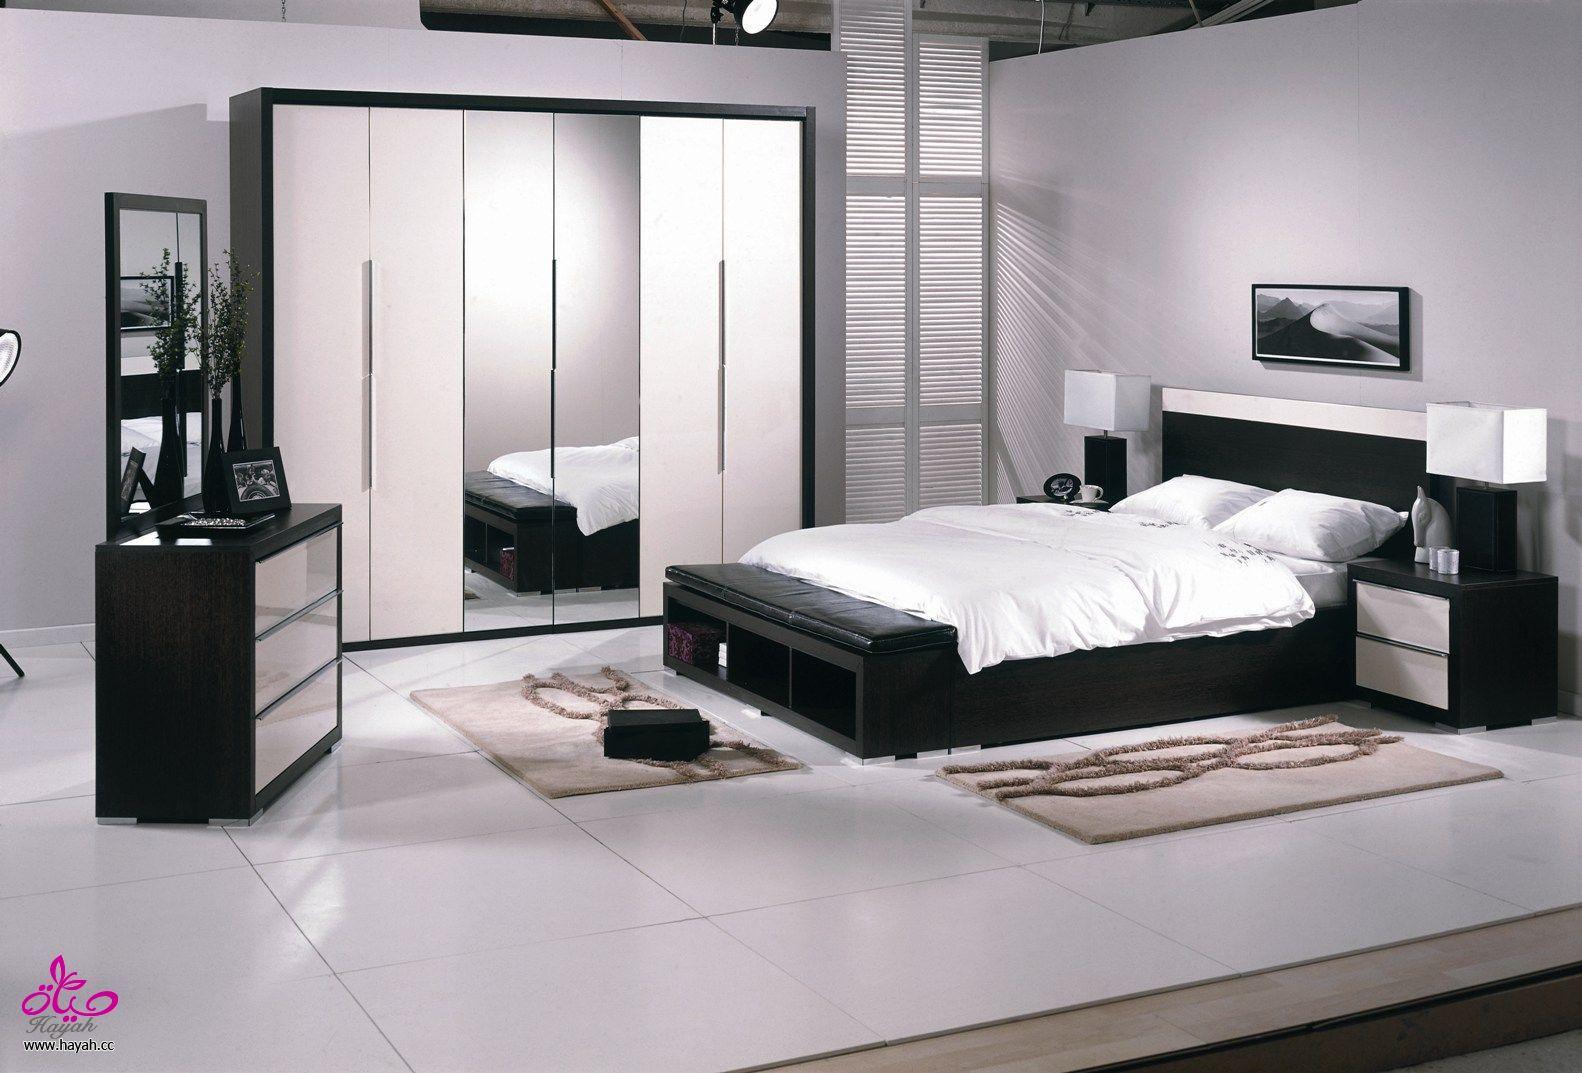 صور غرف نوم تركي, ولا اشيك ولا اروع